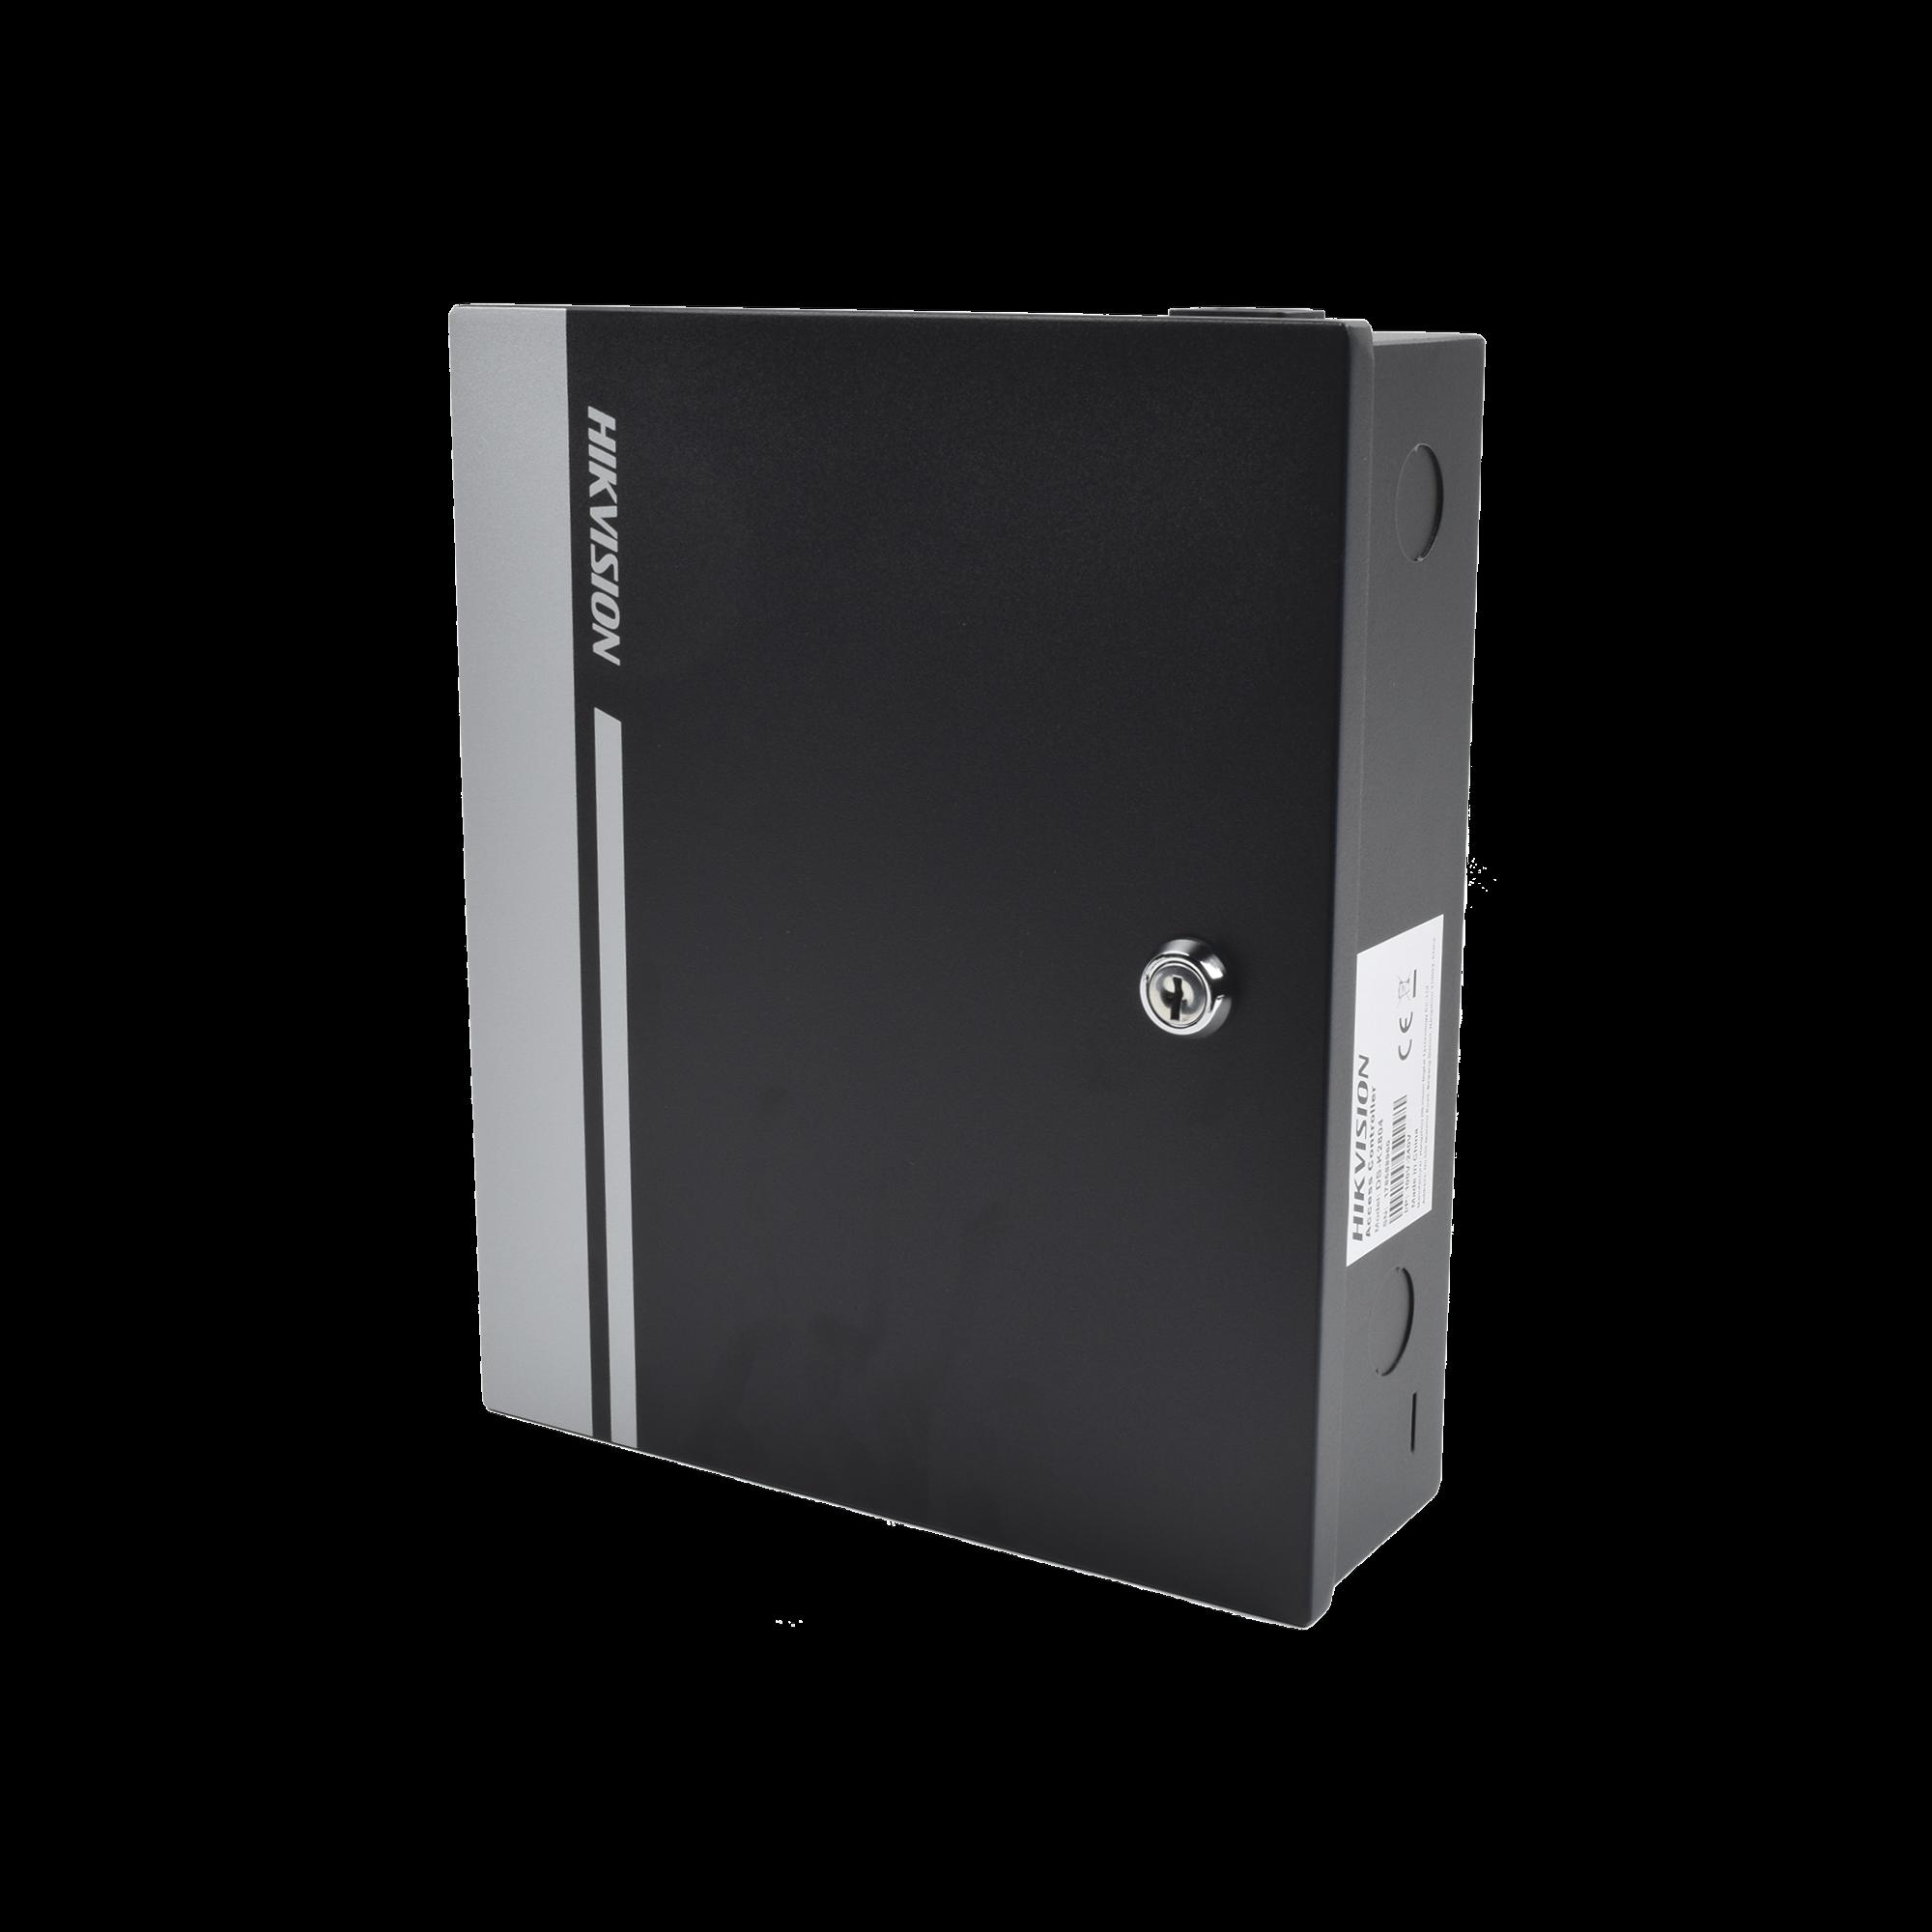 Controlador de Acceso Integrable con Videovigilancia  / 4 Puertas / 10,000 Tarjetas / 50,000 Eventos / Incluye Gabinete y Fuente de Alimentación 12VCD/8A